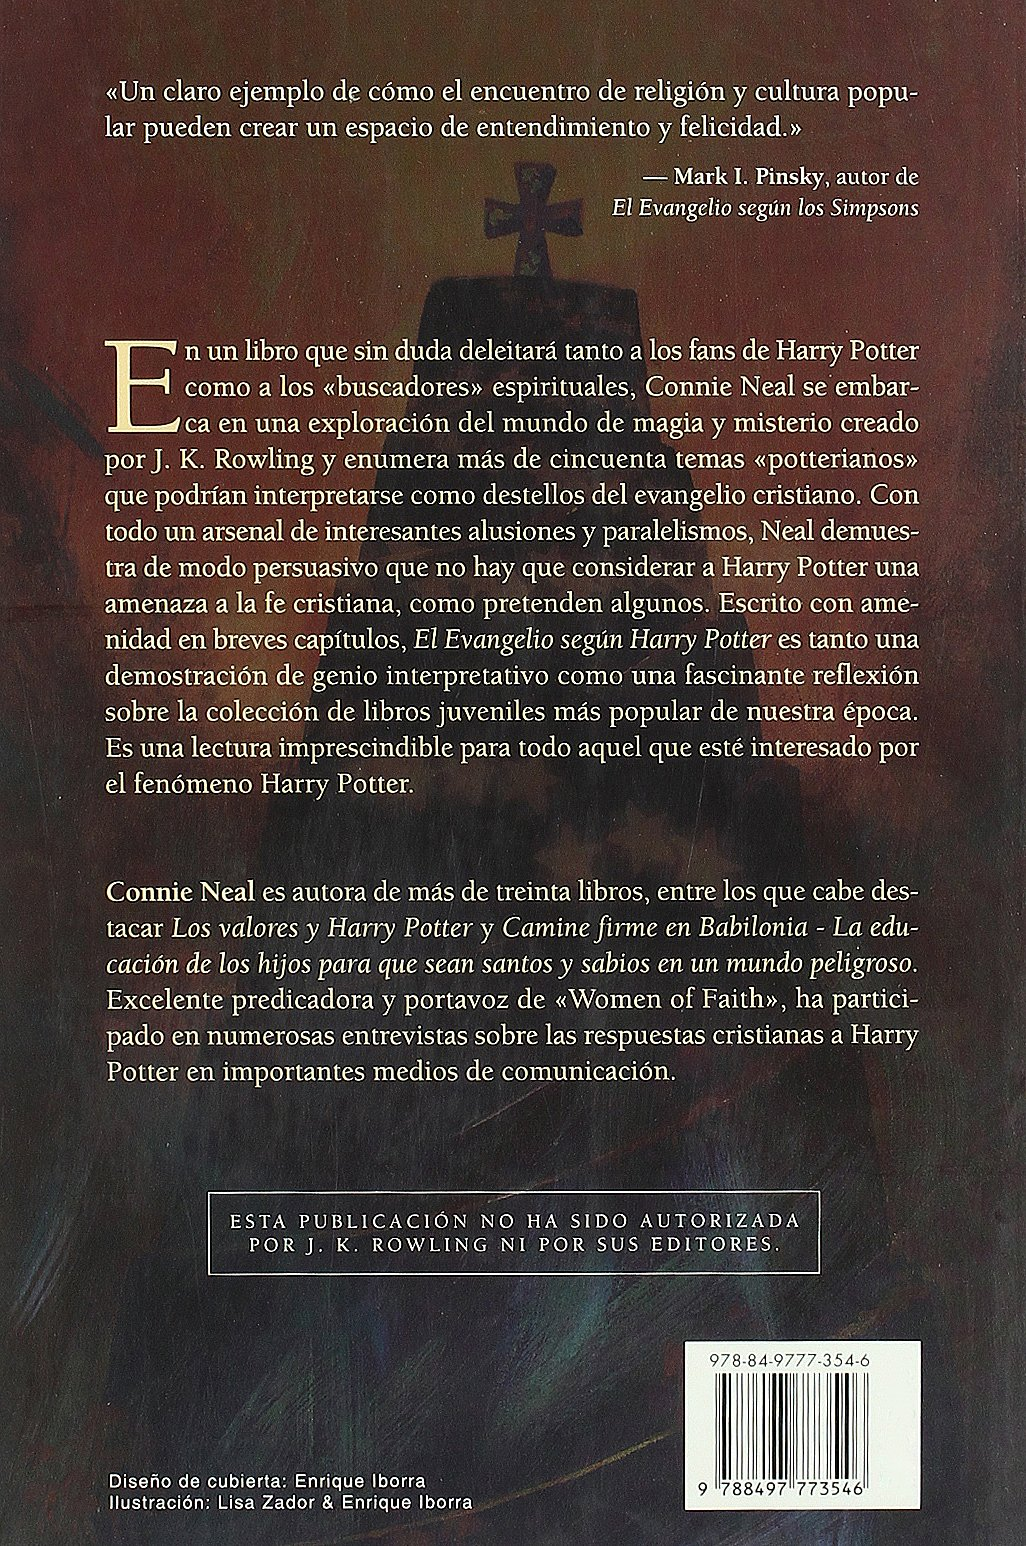 Amazon.com: El Evangelio Segun Harry Potter/ the Gospel According to Harry Potter: La Espiritualidad En Las Aventuras Del Buscador Mas Famoso Del Mundo/ ...